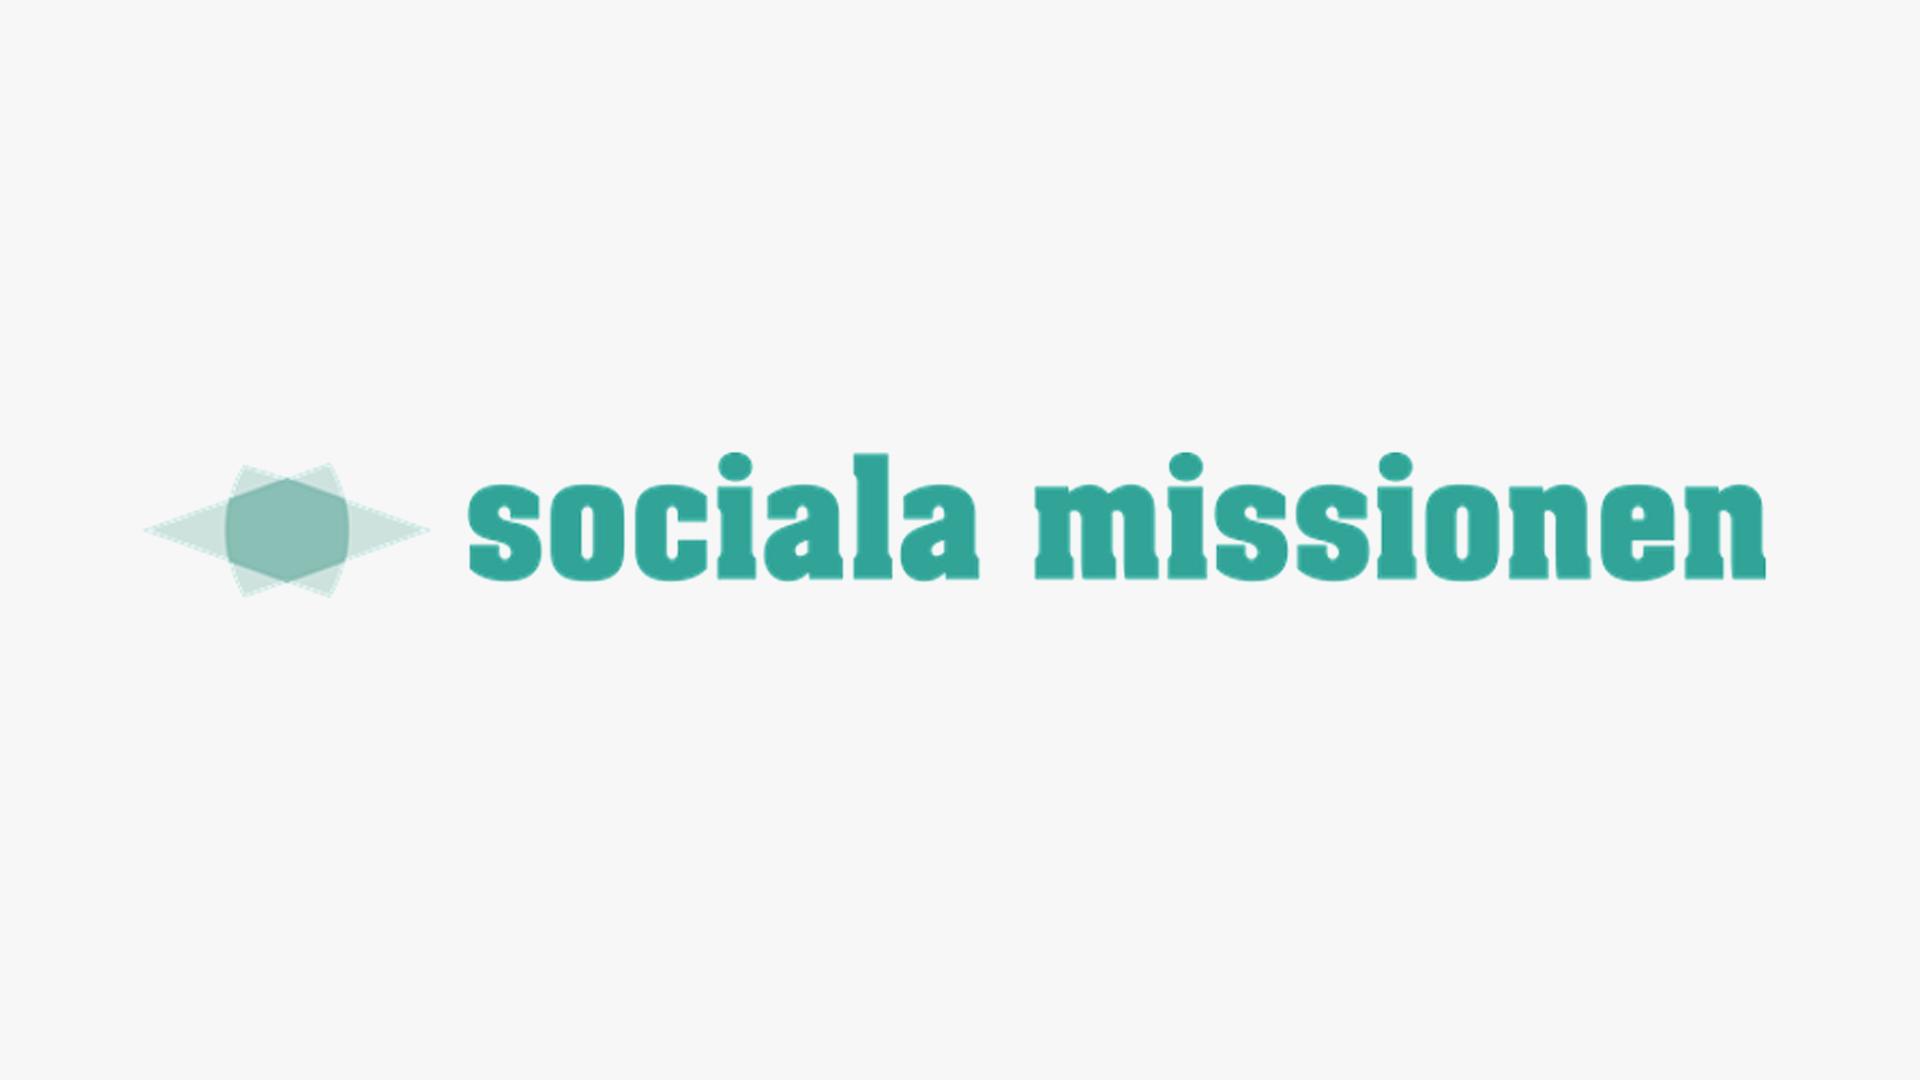 Sociala missionen